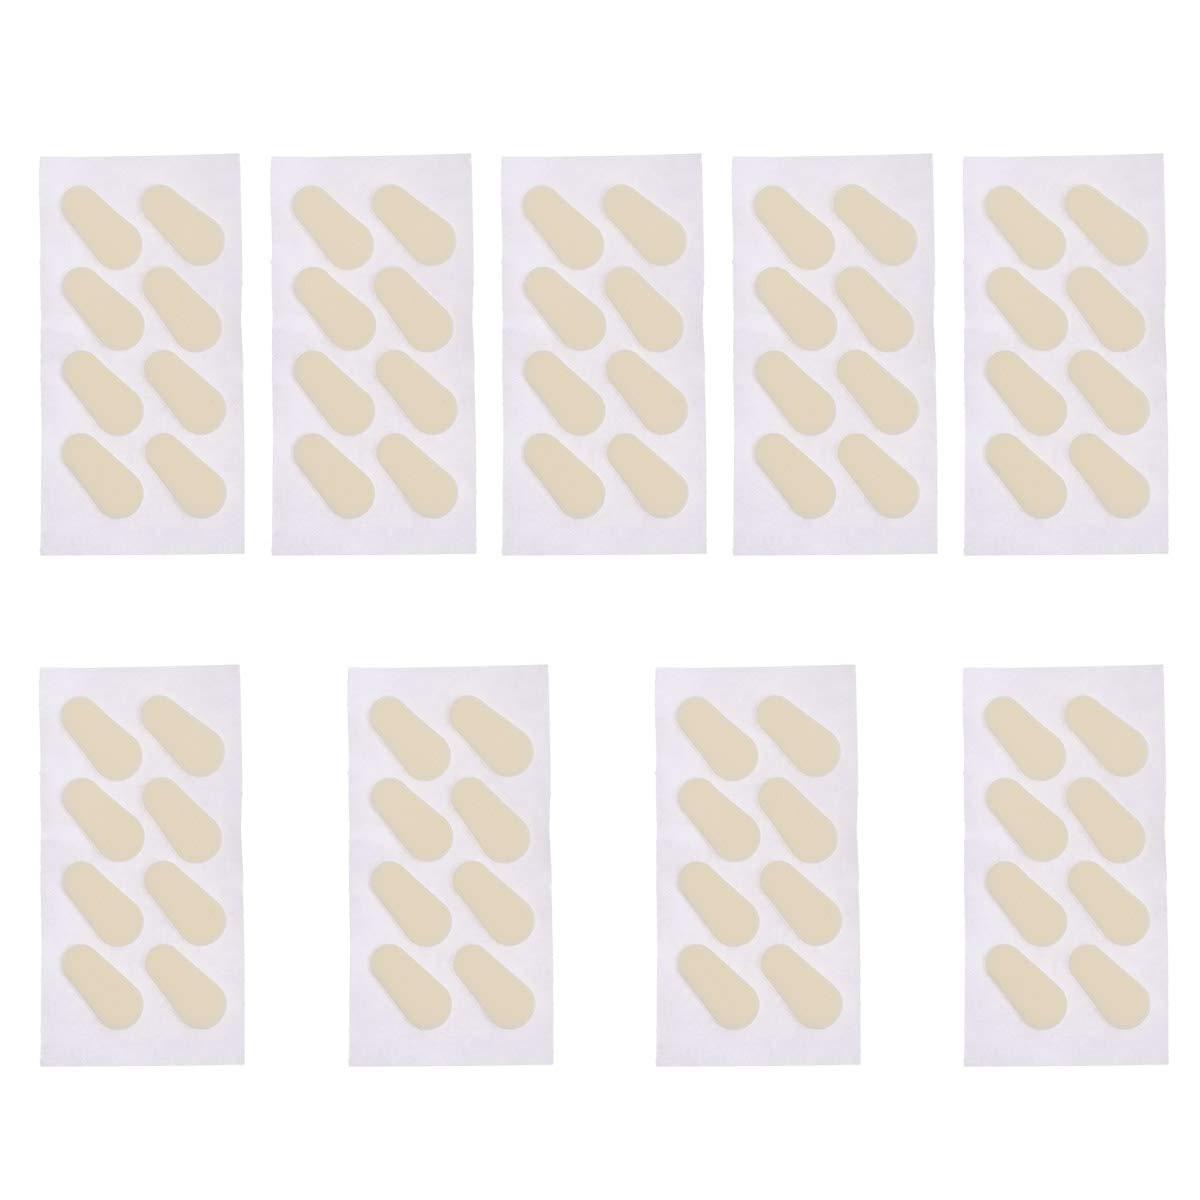 selbstklebend Heallily 1 Packung 36 Paar Nasenpads aus weichem EVA-Schaumstoff